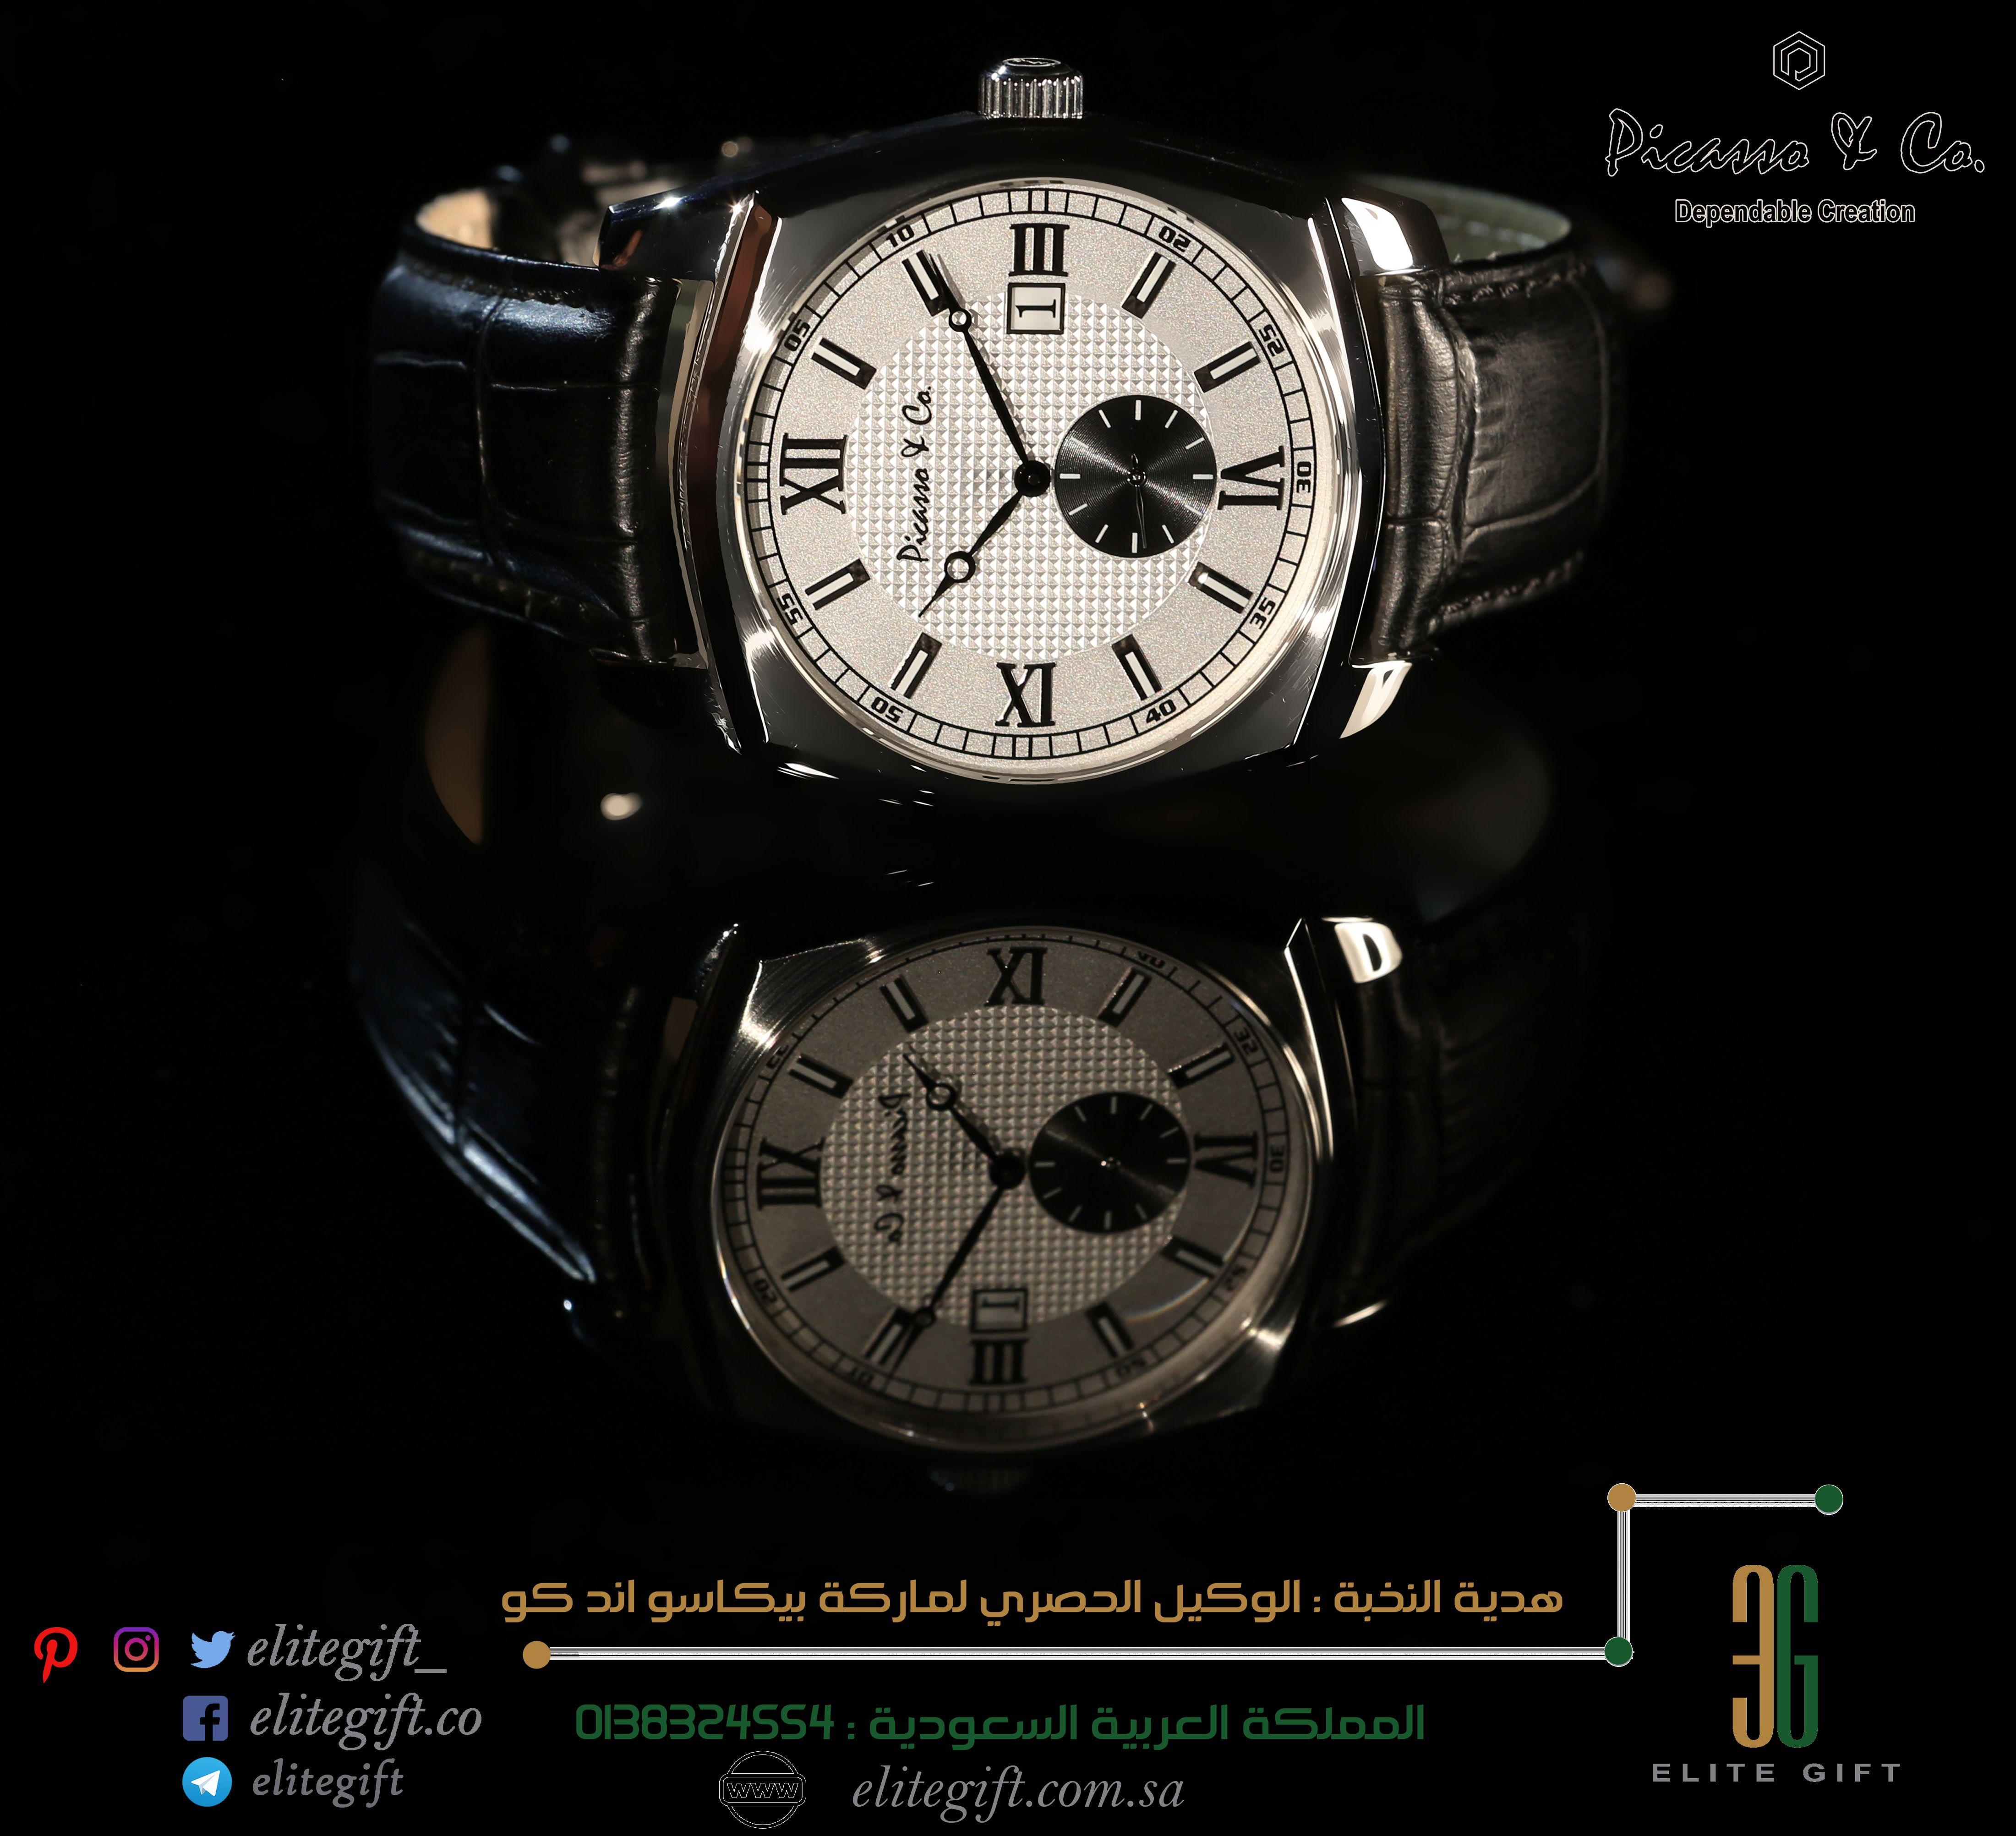 ساعات بيكاسو اند كو دليلك نحو التميز ساعة تنطق بالاناقة بجلدة سوداء ومينا بلون ابيض بالاضافة الى كلاسيكية الشكل ومتانته هدية Gifts Accessories Jaeger Watch